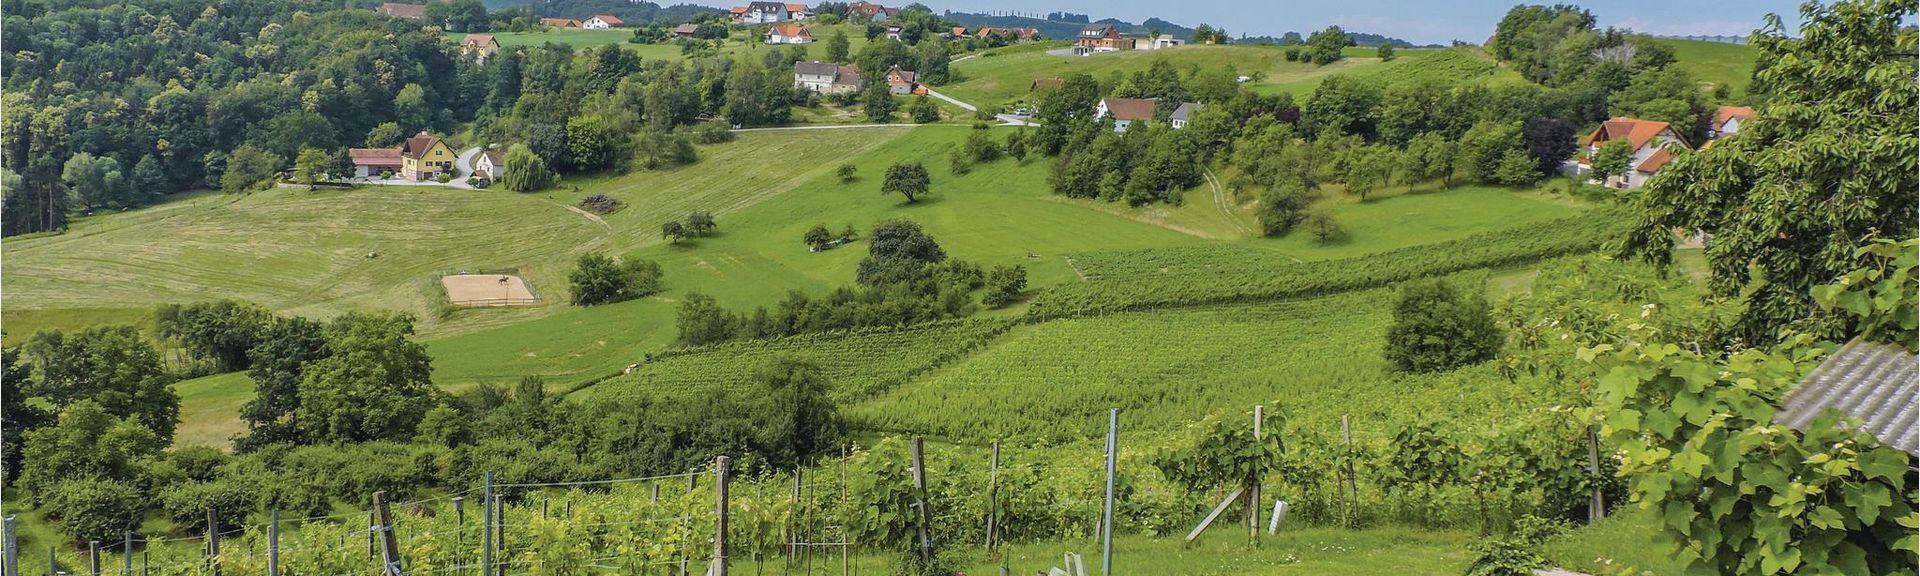 Fehring, Styria, Østerrike